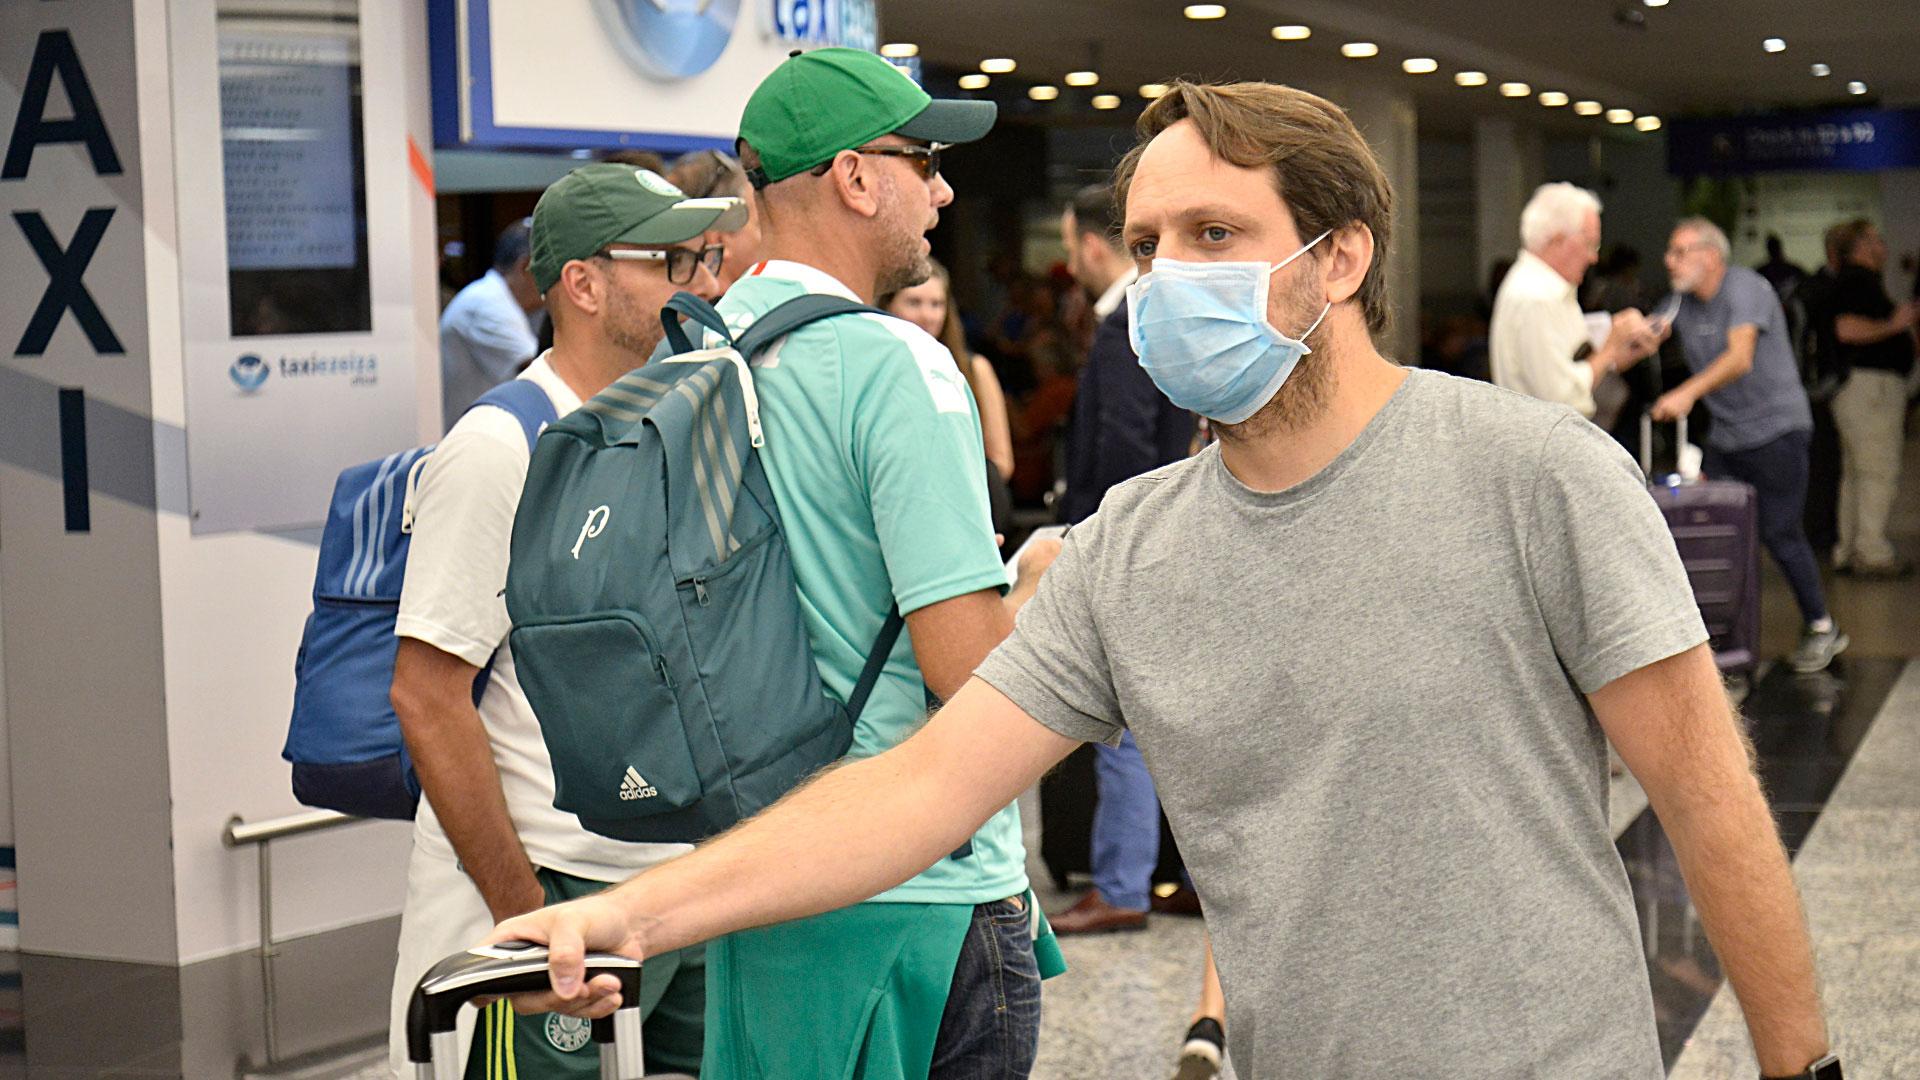 El coronavirus se puede transmitir de persona a persona a través del aire, al toser y estornudar, al tocar o estrechar la mano de una persona enferma, o al tocar un objeto o superficie contaminada con el virus y luego tocarse la boca, la nariz o los ojos antes de lavarse las manos